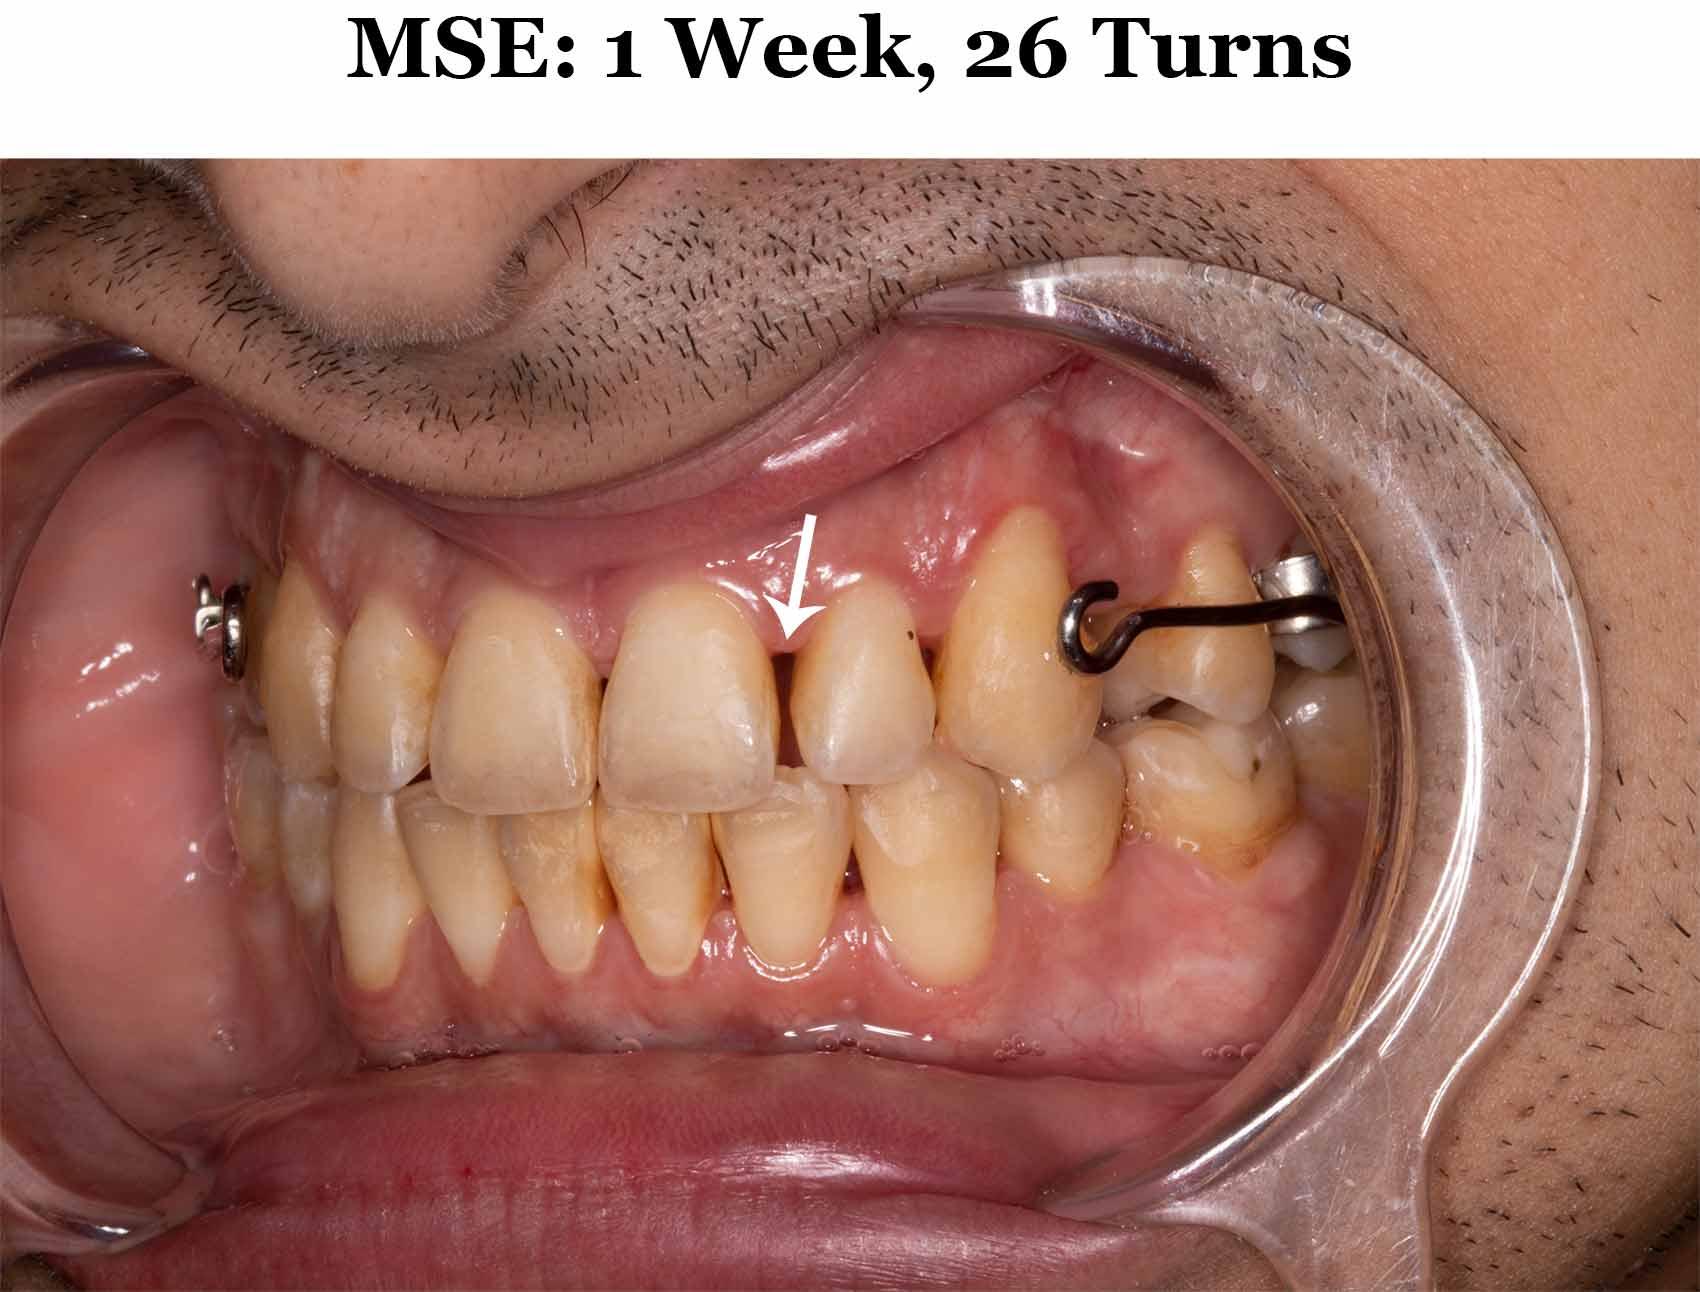 1 Week MSE_Diag 1.jpg